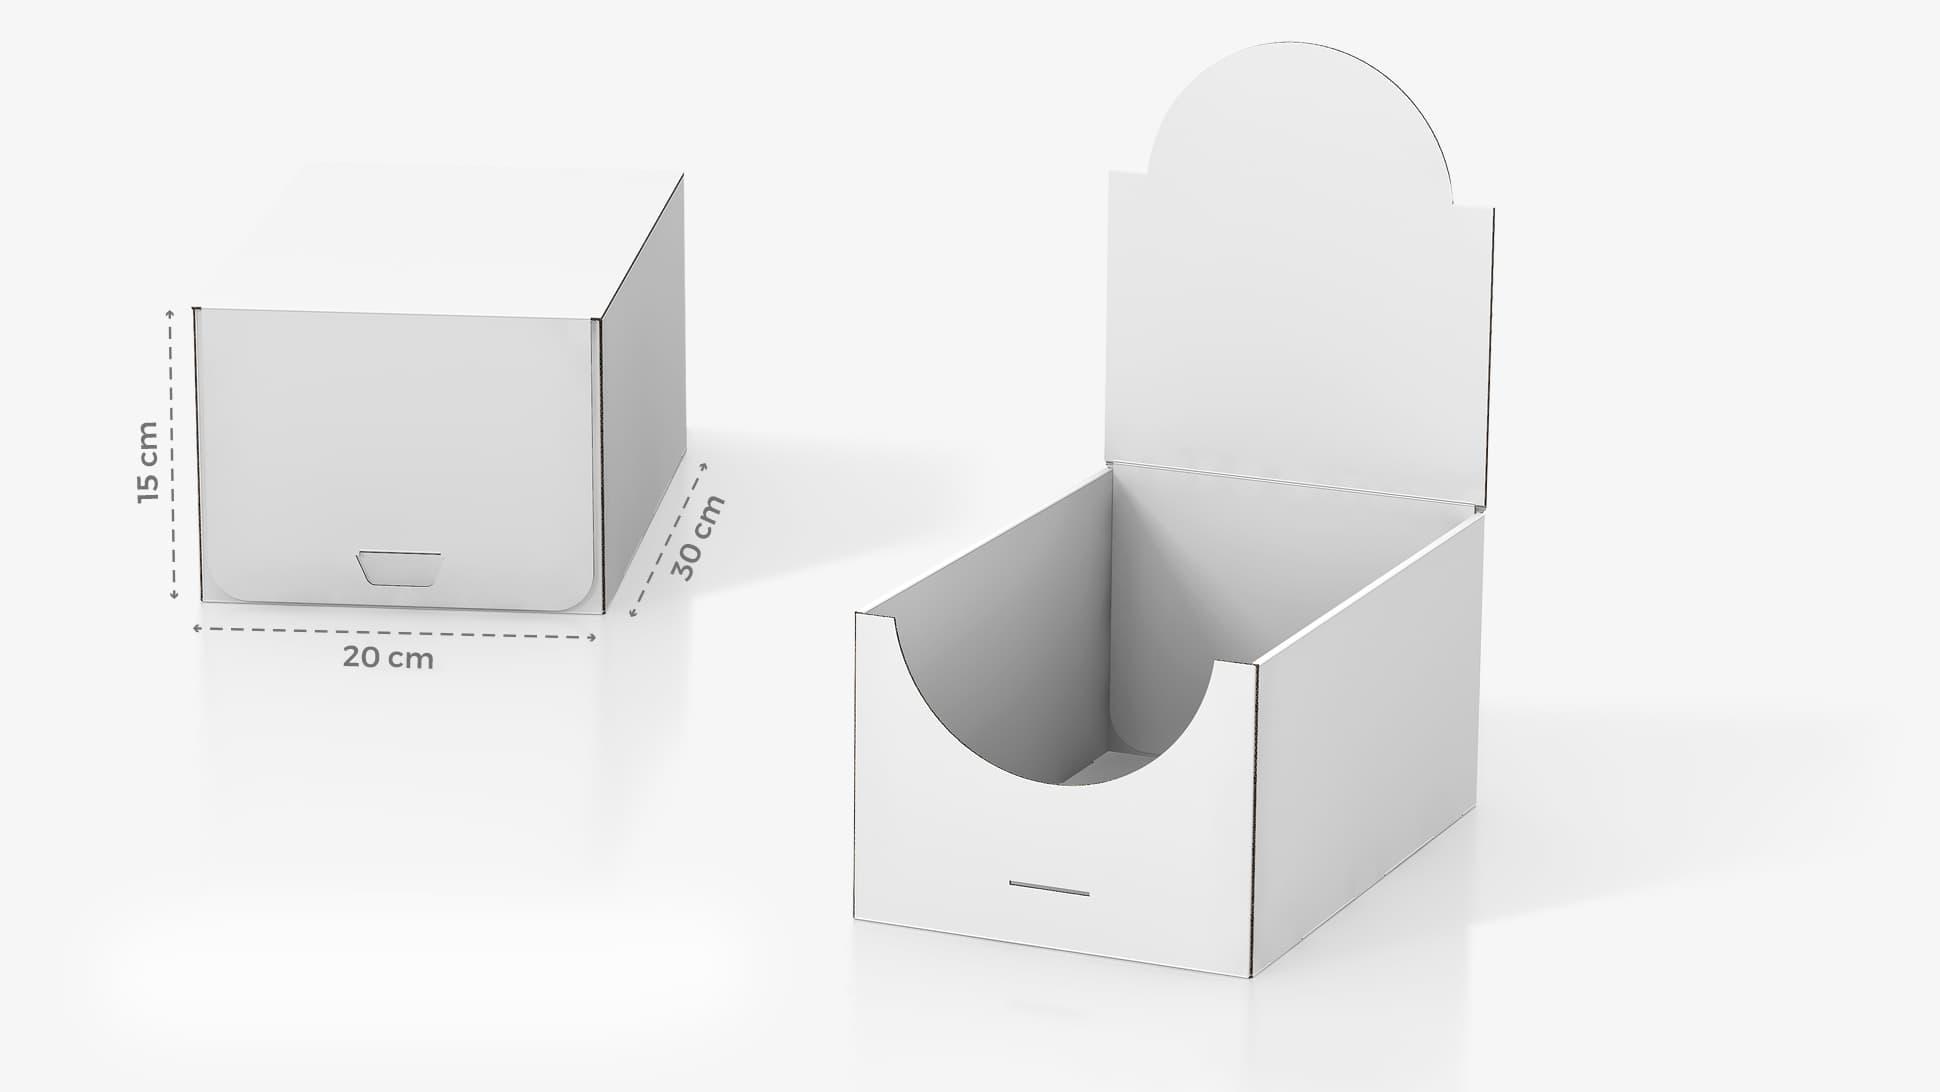 Scatola in cartone 20x15x30 cm personalizzabile | tictac.it